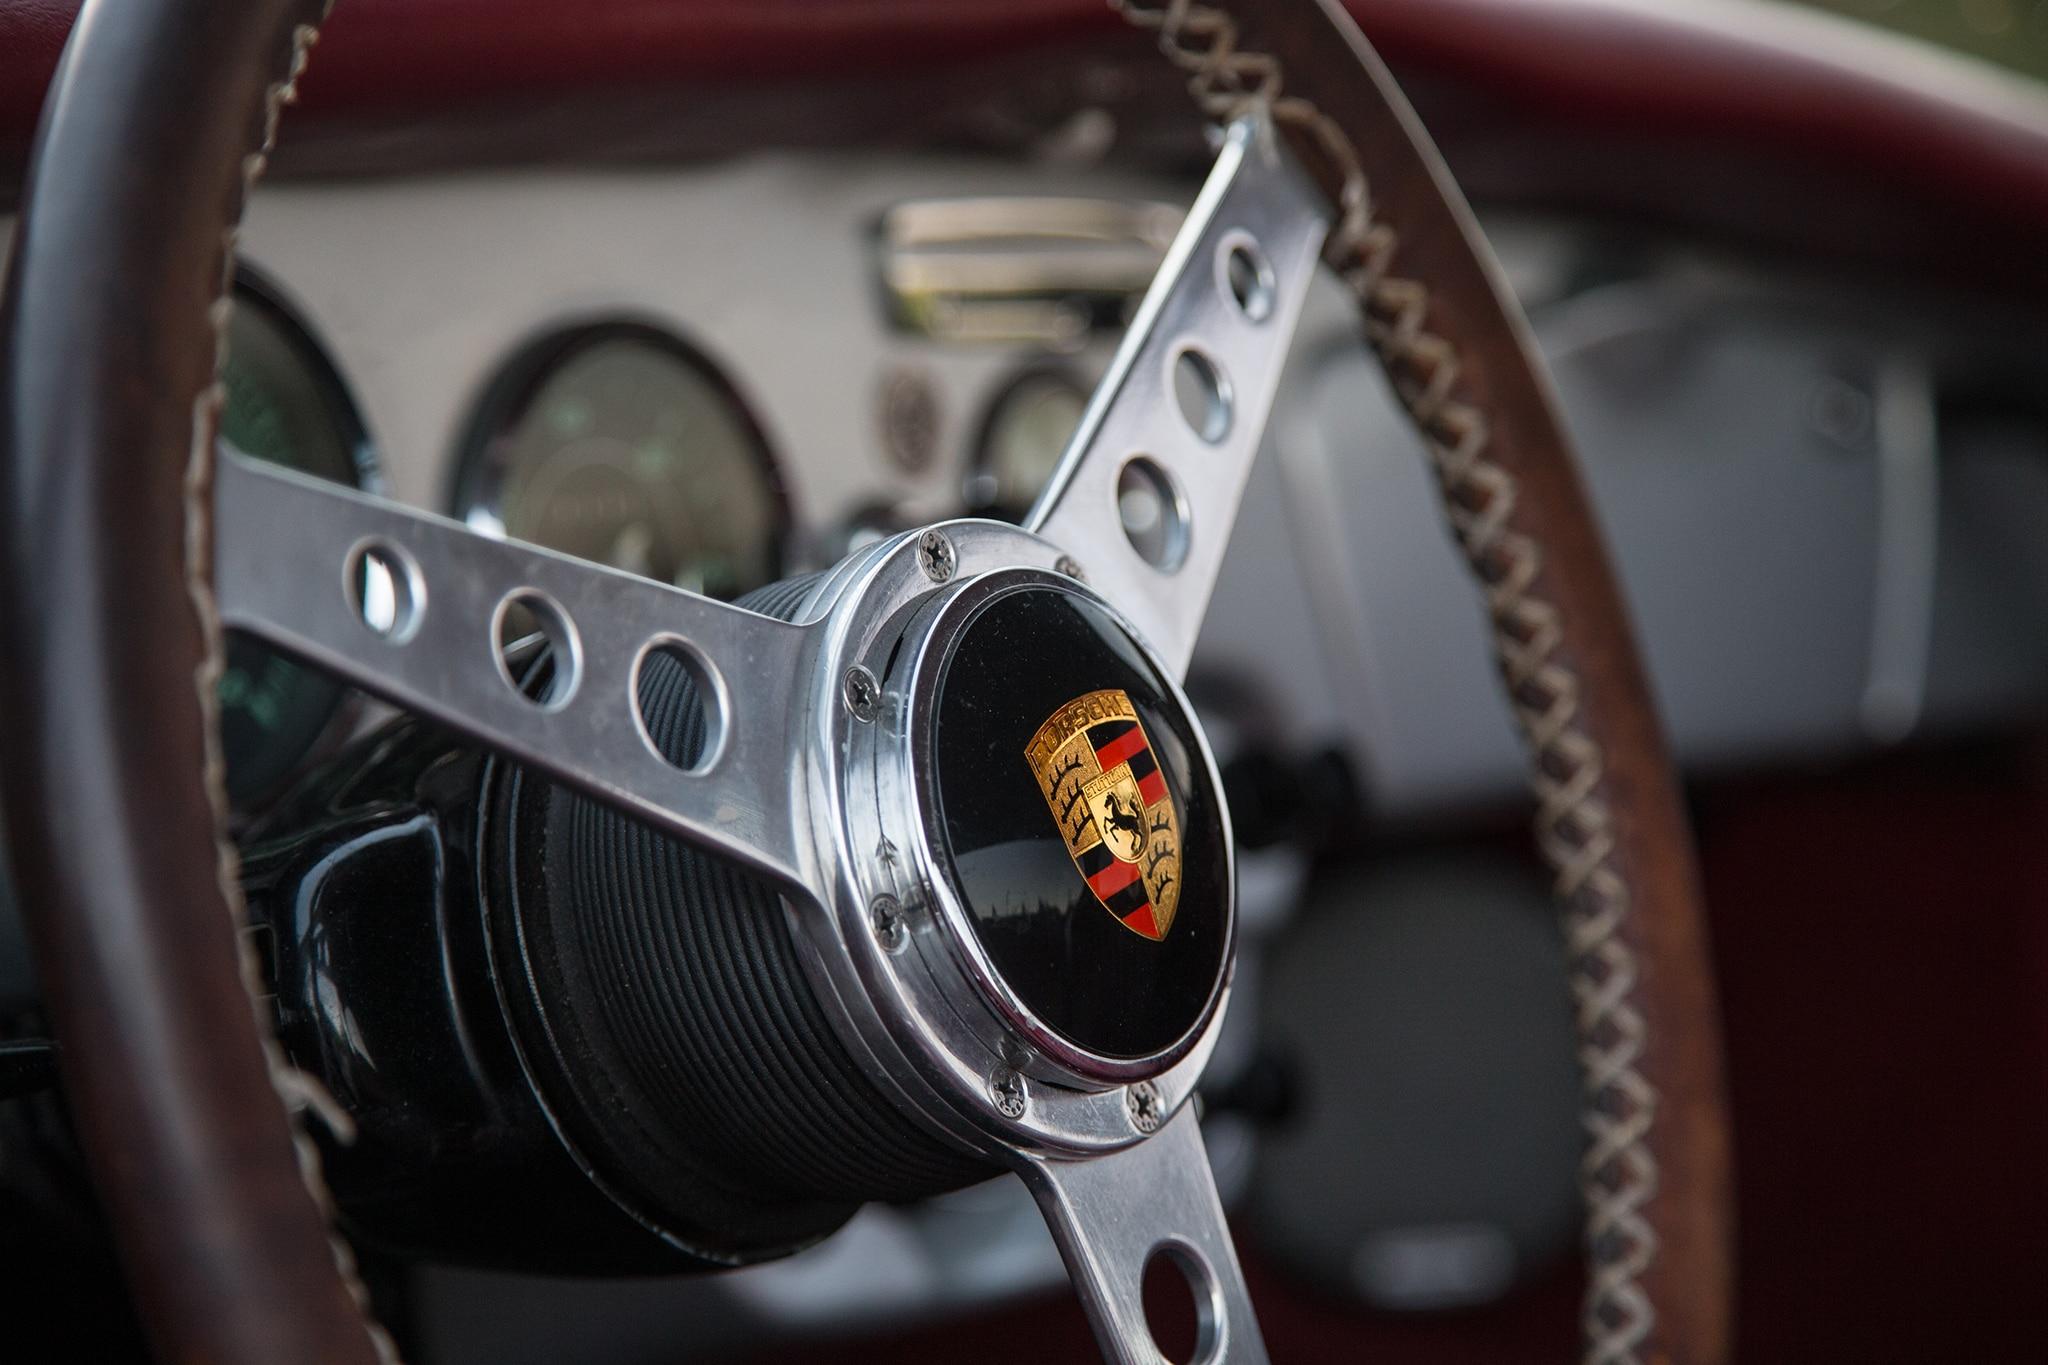 1964 Porsche 356 C Steering Wheel